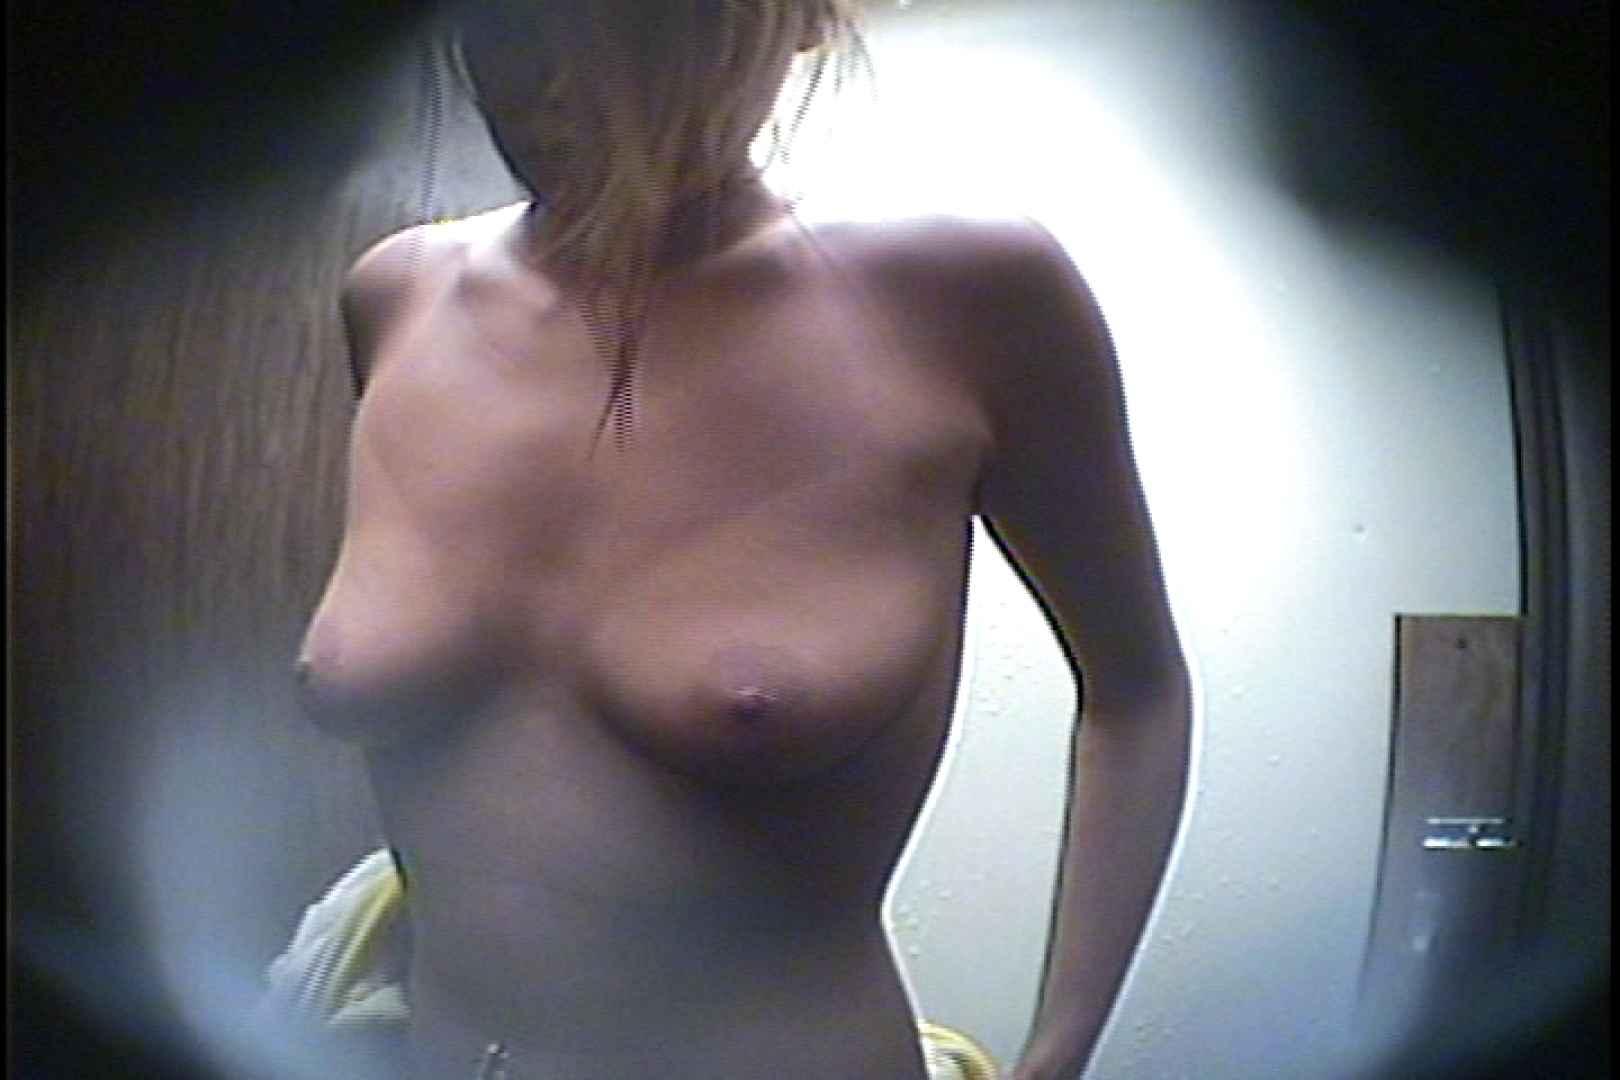 海の家の更衣室 Vol.39 シャワー 盗撮セックス無修正動画無料 64pic 44